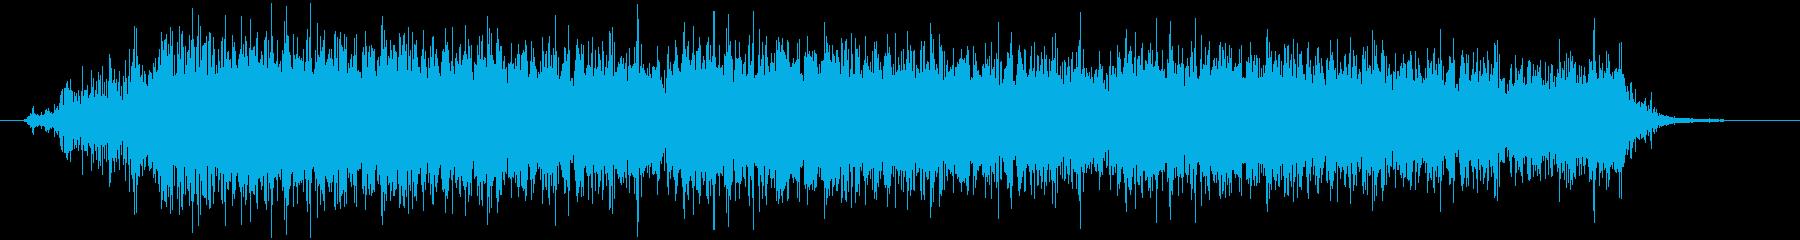 スプレー噴射 シュー (長め)の再生済みの波形